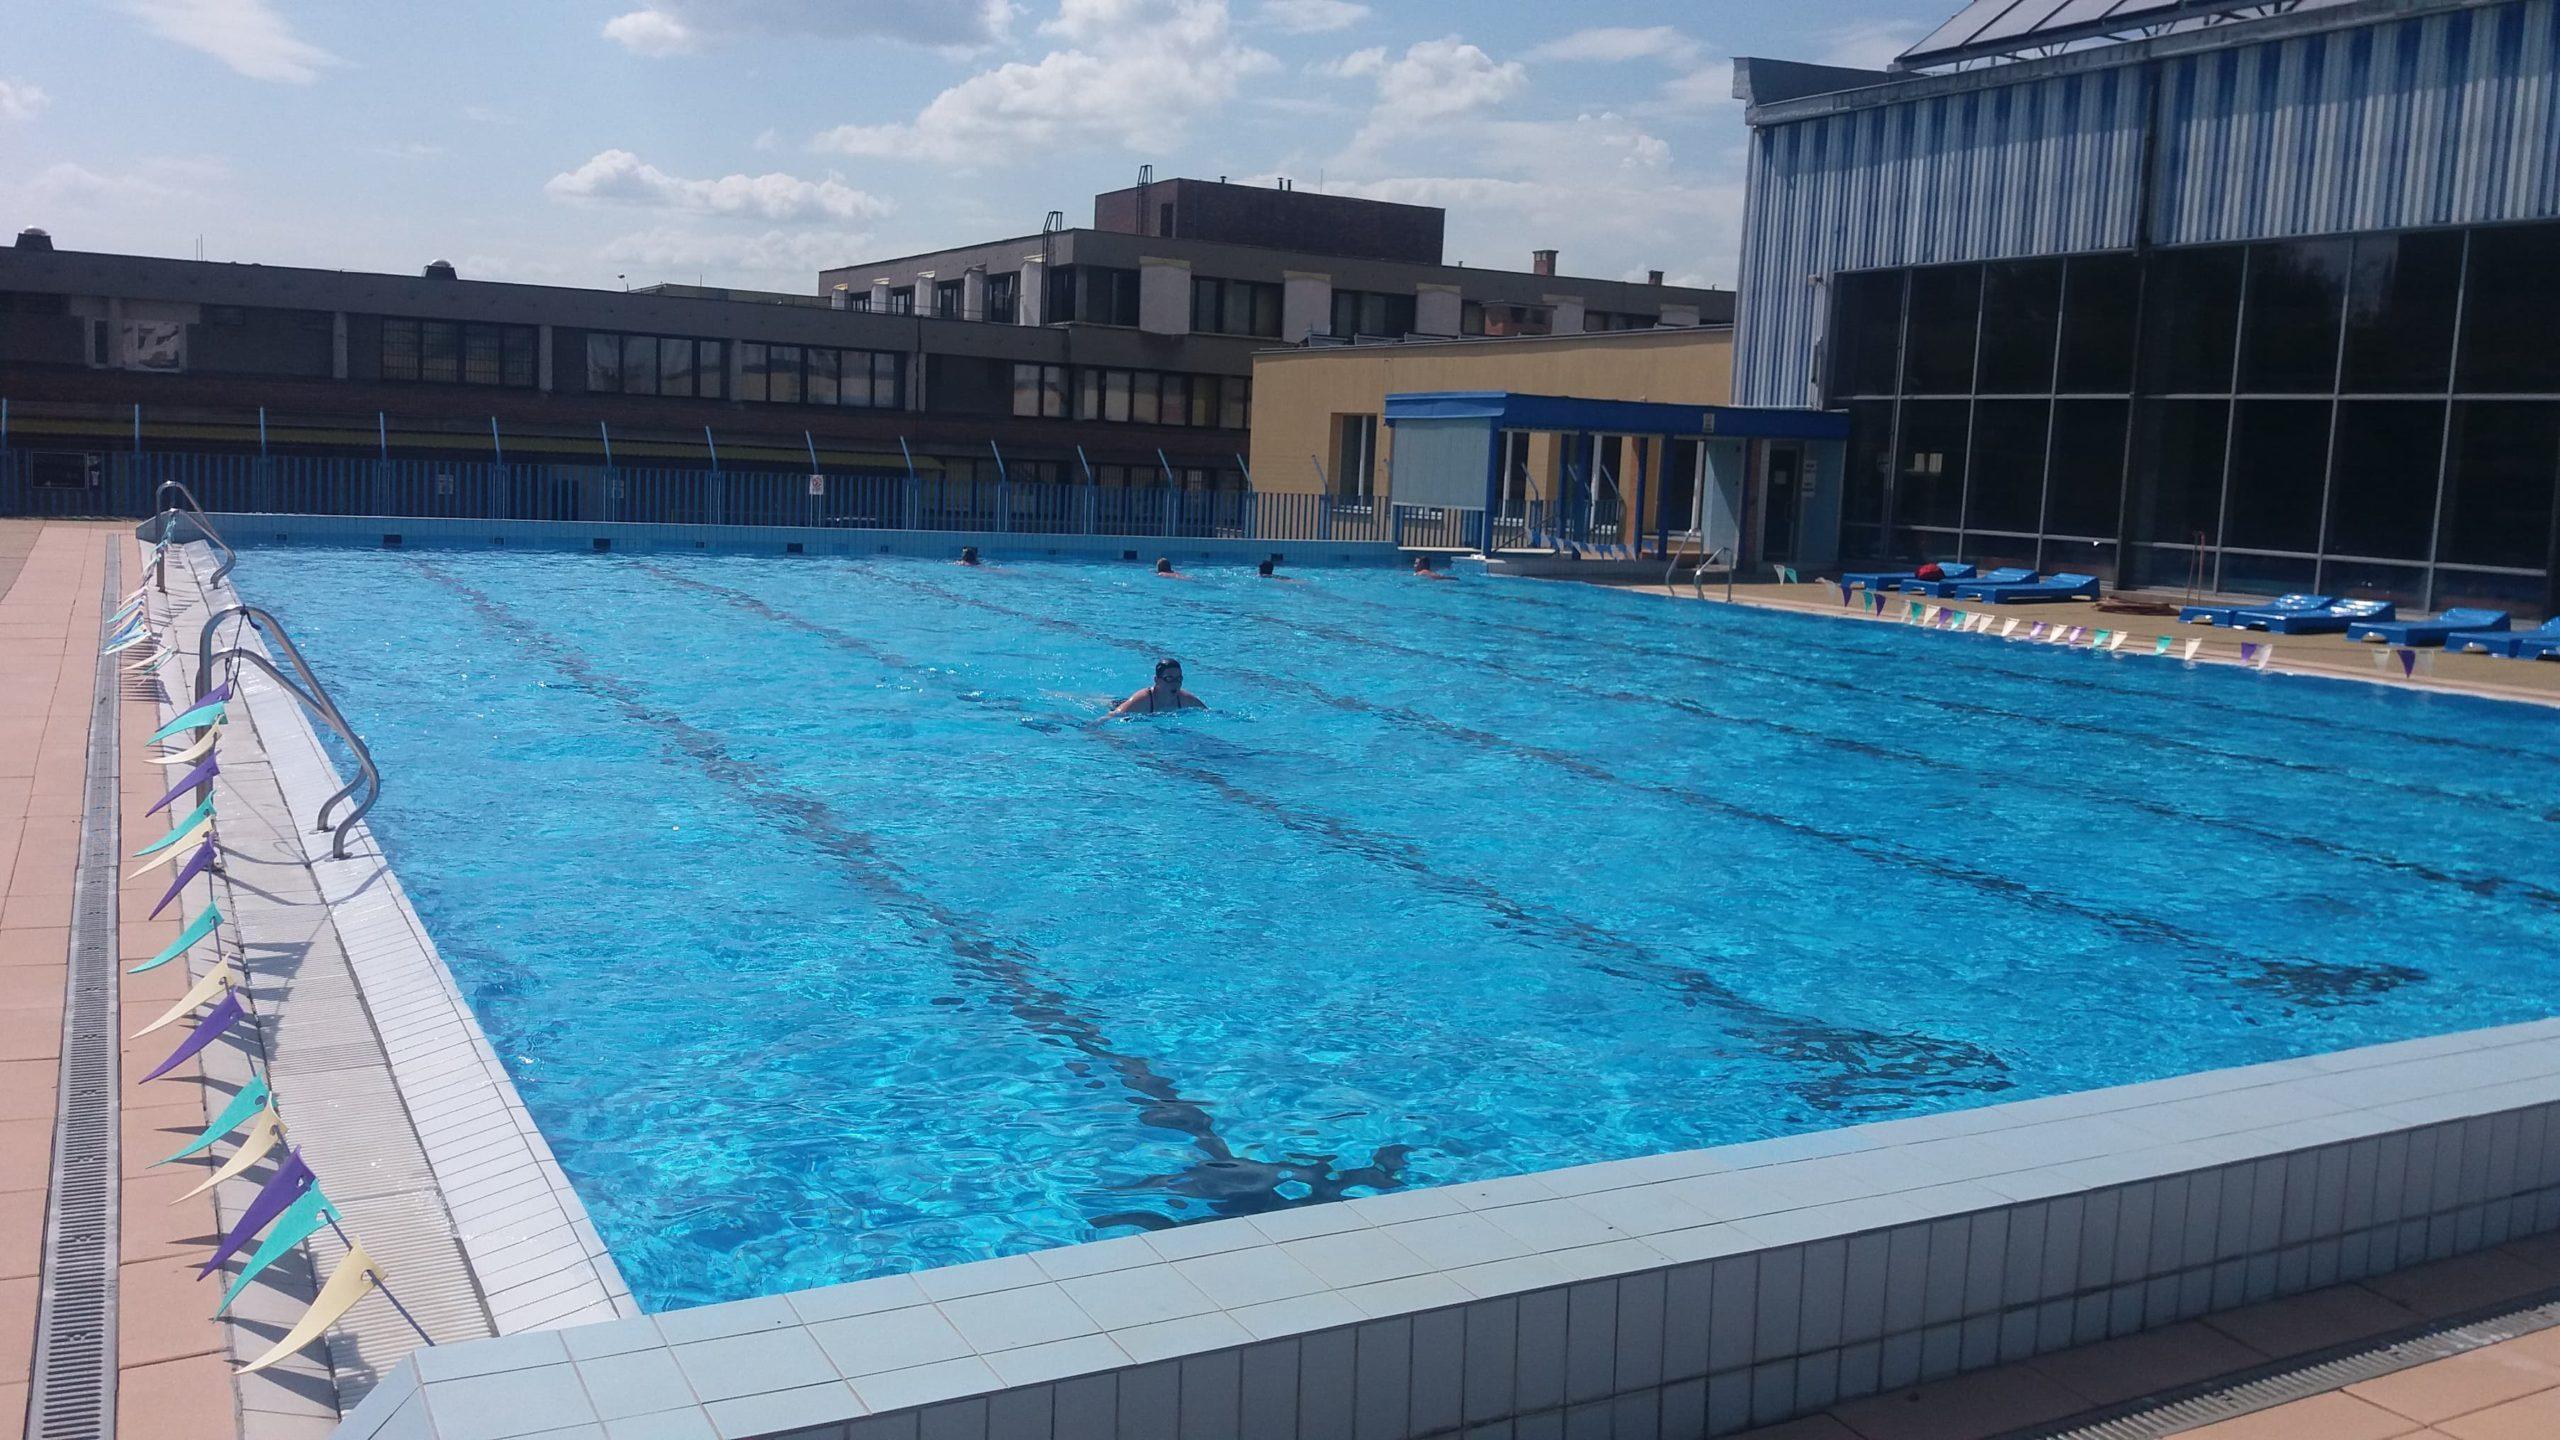 Venkovní bazén hlásí otevřeno. Při vstupu ovšem musíte splnit tyto podmínky